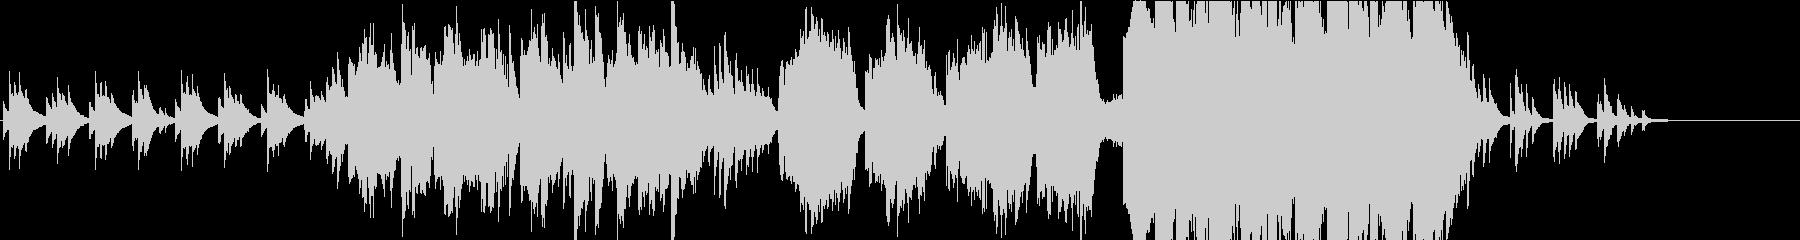 【生演奏】フルートとピアノ主体の和風曲の未再生の波形